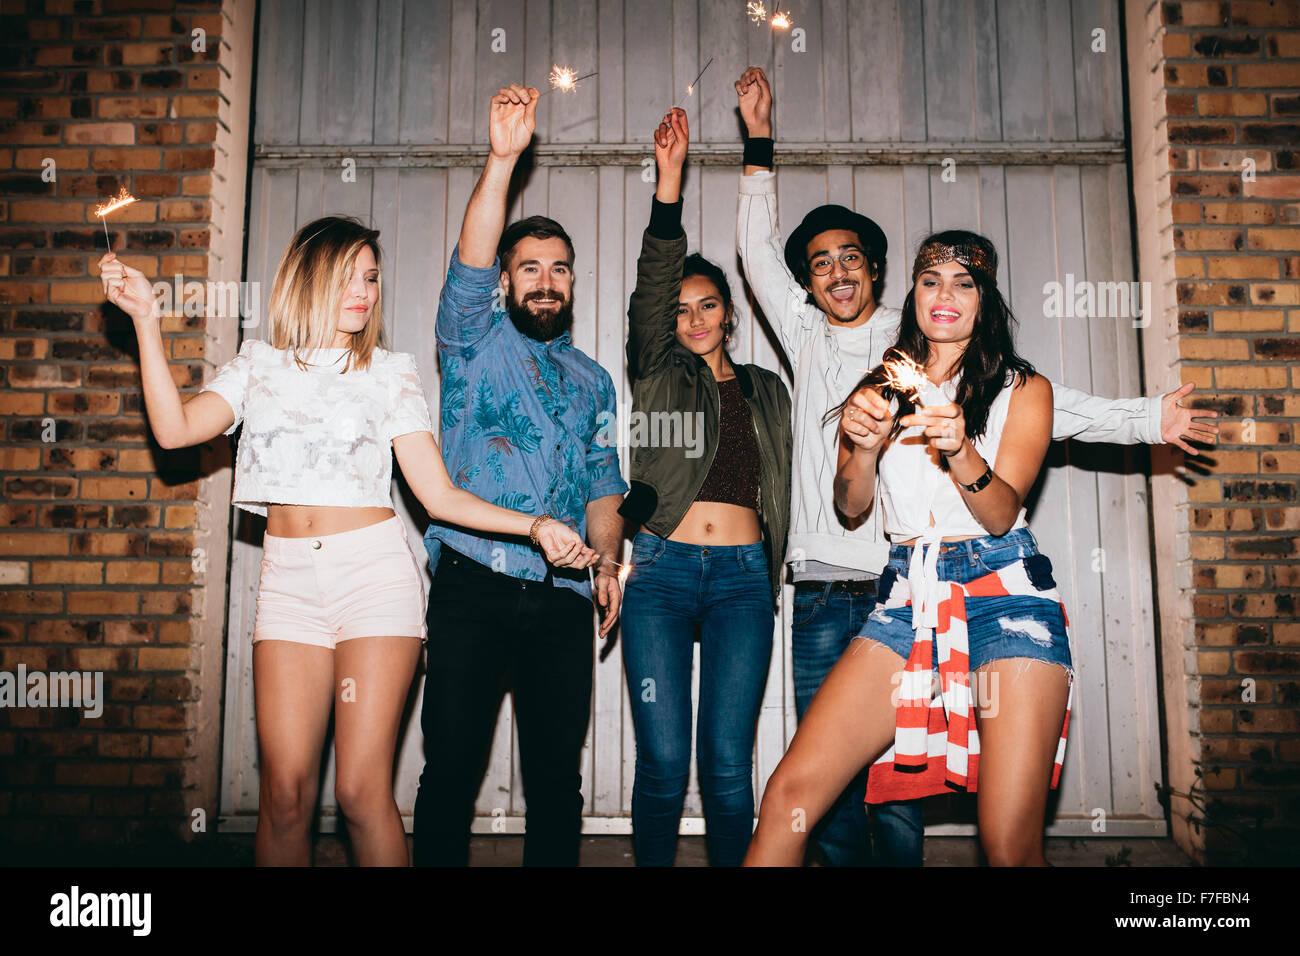 Glückliche junge Menschen, in der Nacht, feiert mit Wunderkerzen. Junge Freunde mit einer Party im Freien. Stockbild